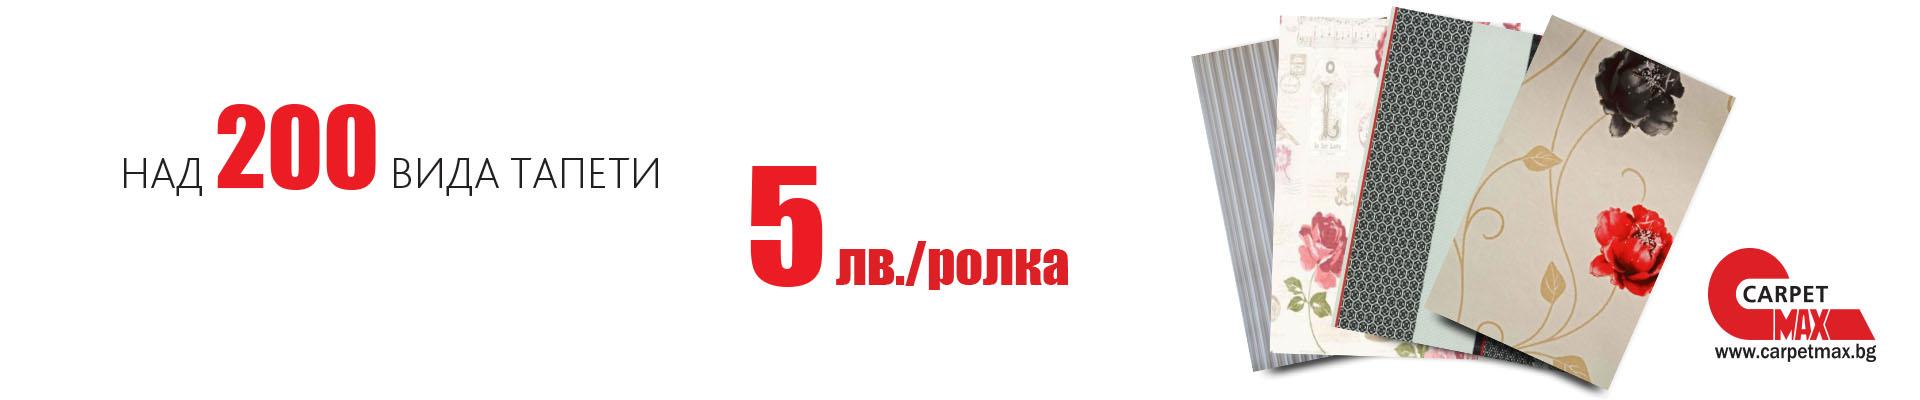 Тапети 5 лв/ролка